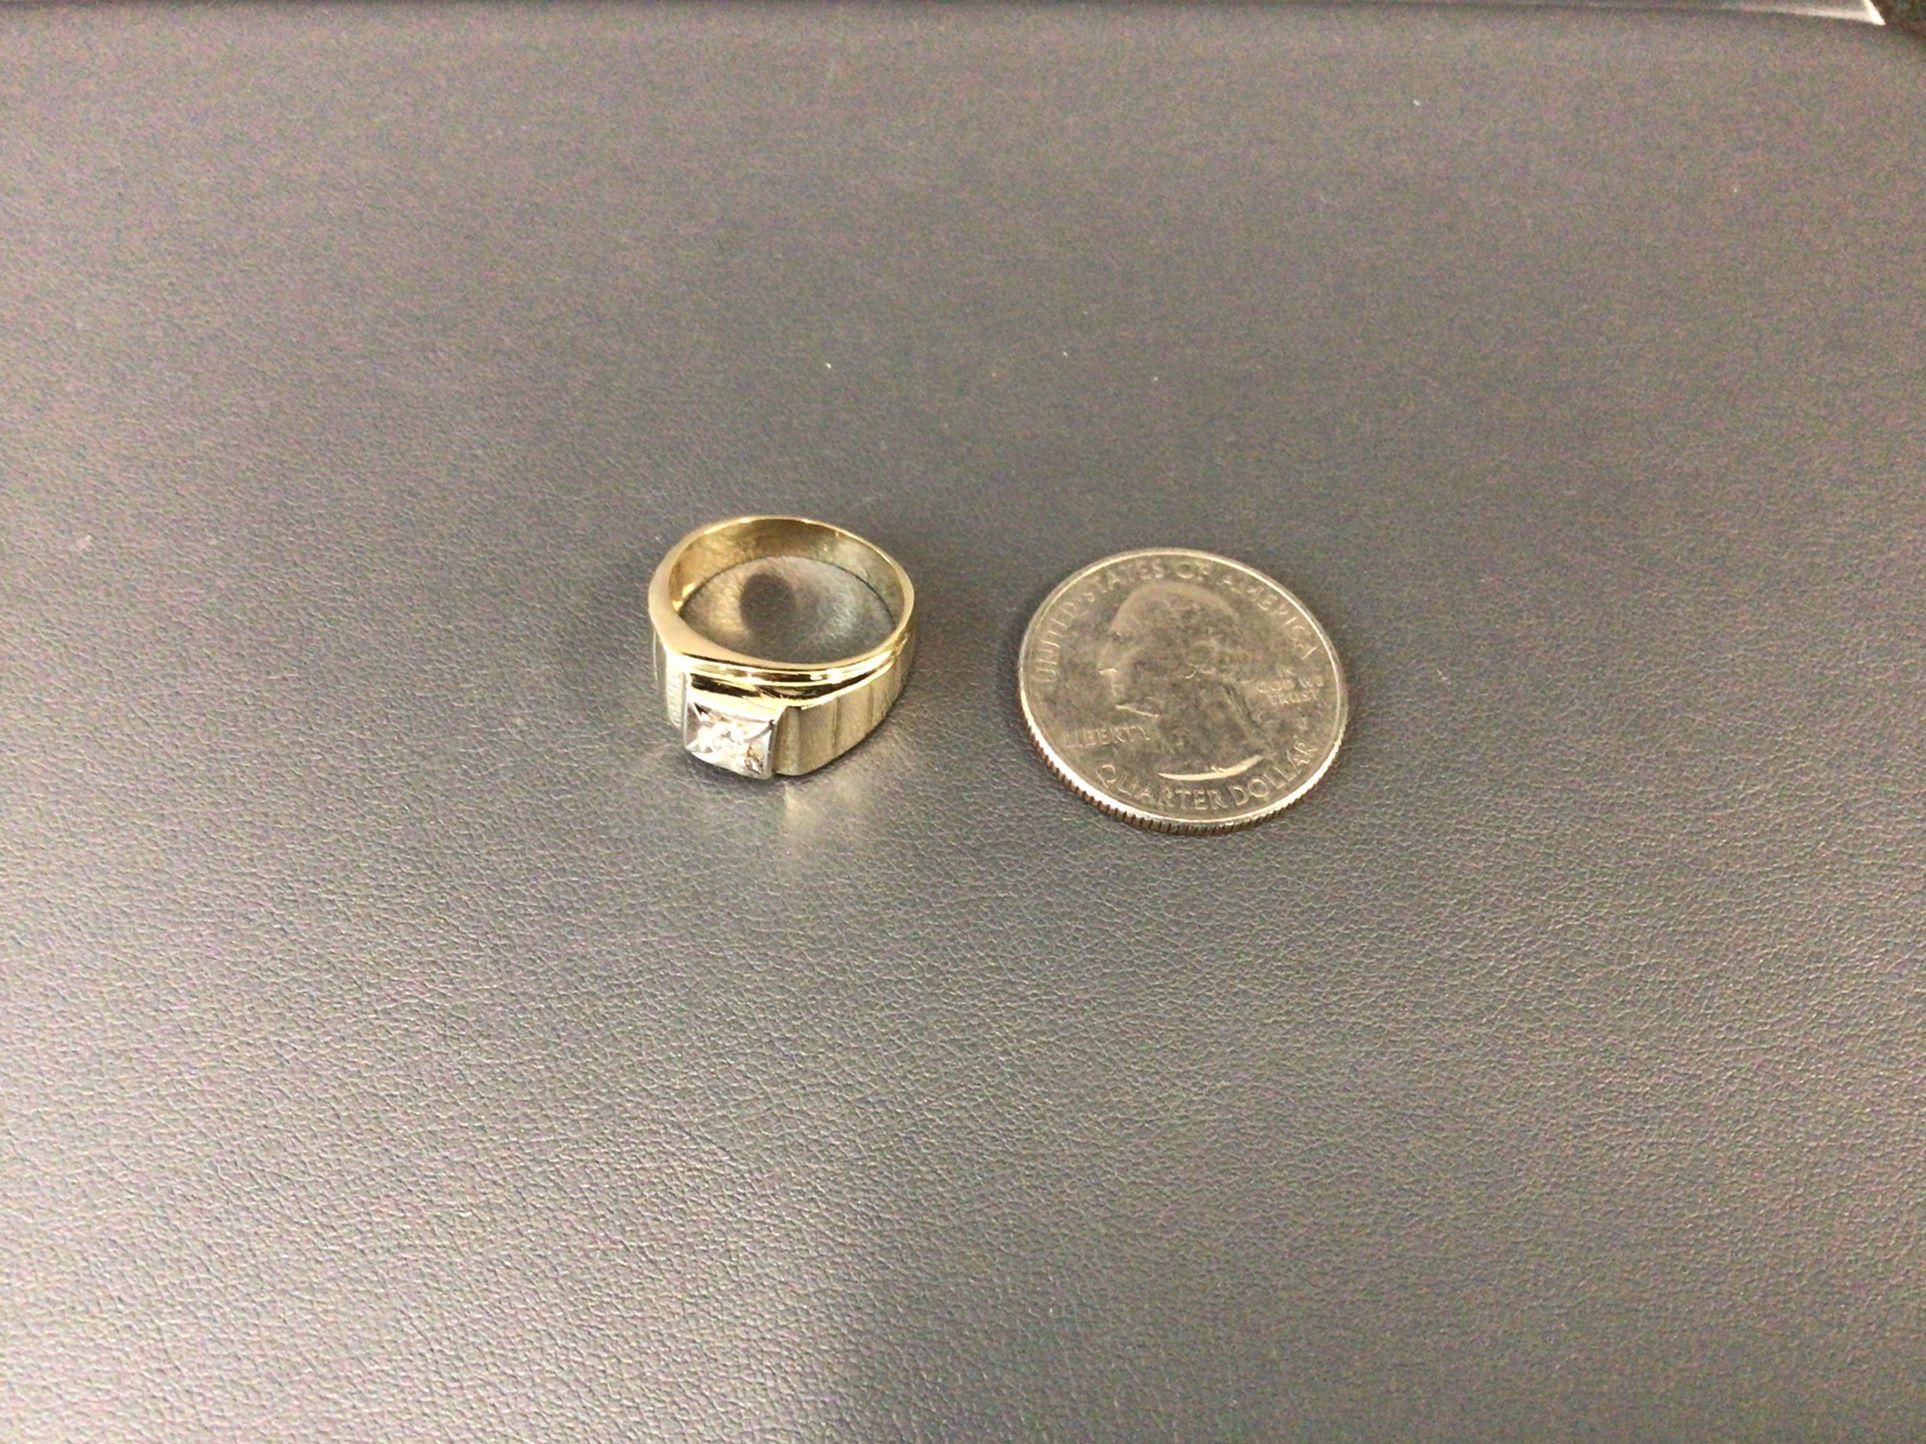 14K RING WITH DIAMOND STONE